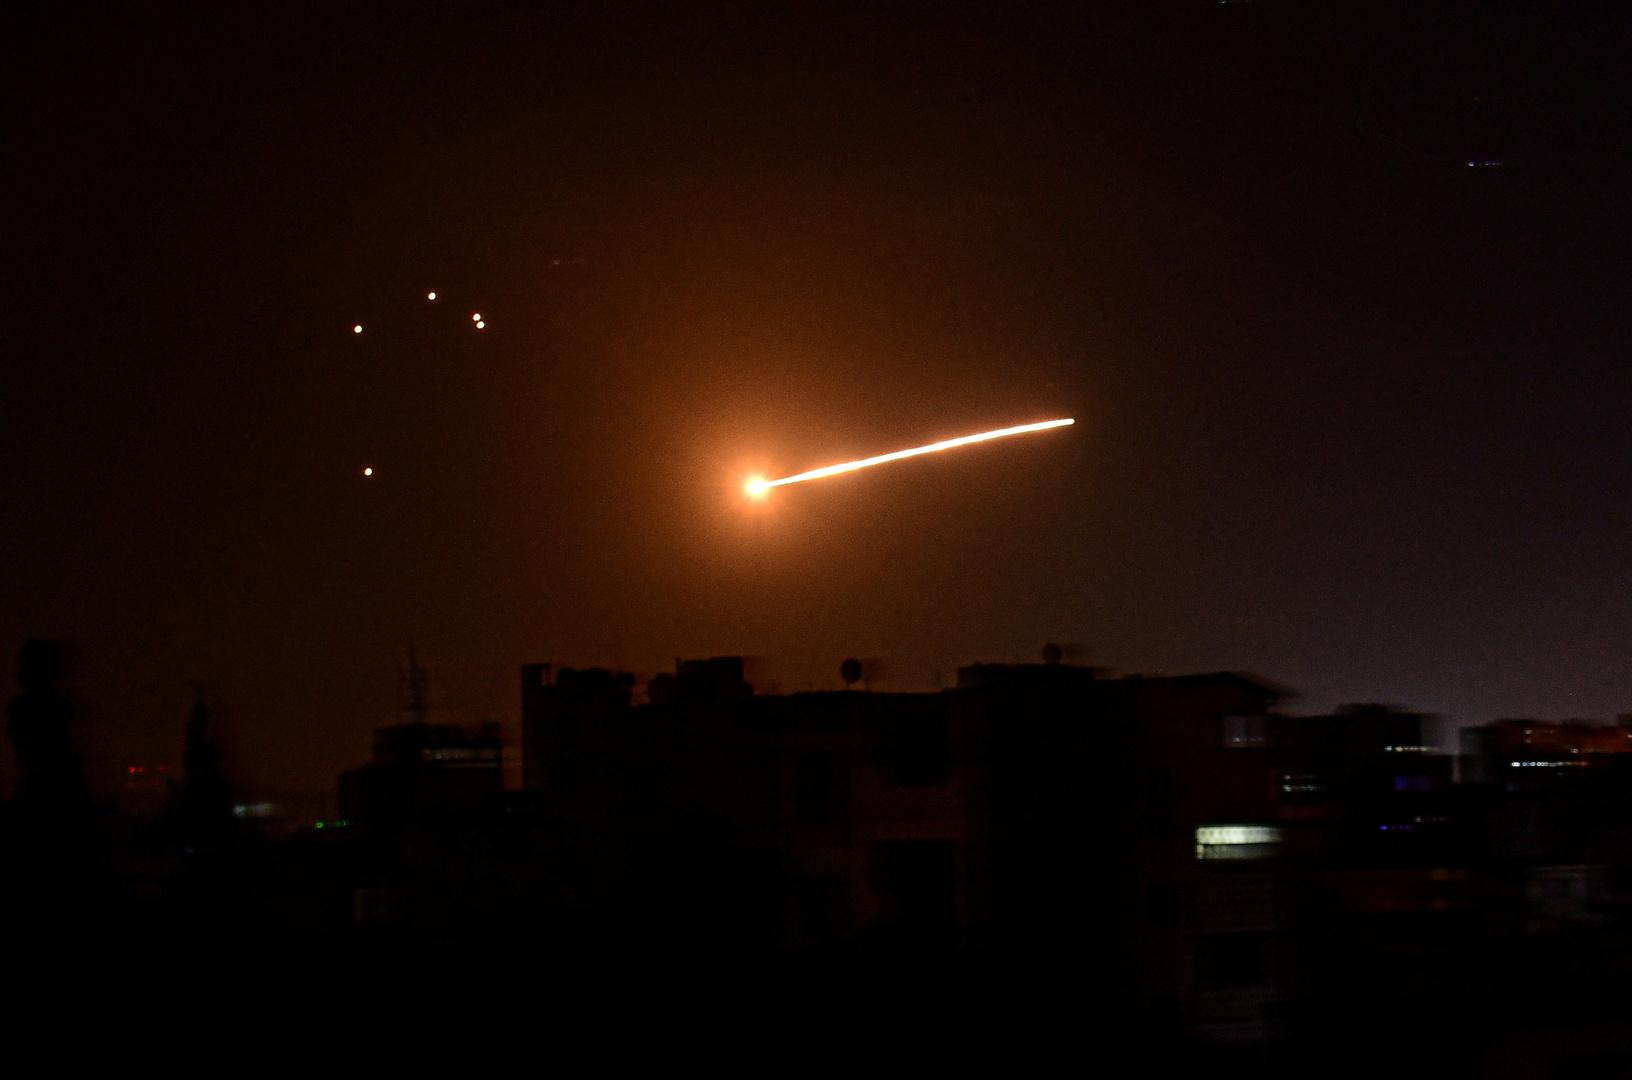 الطيران الإسرائيلي يستهدف مواقع في محافظة حماة السورية